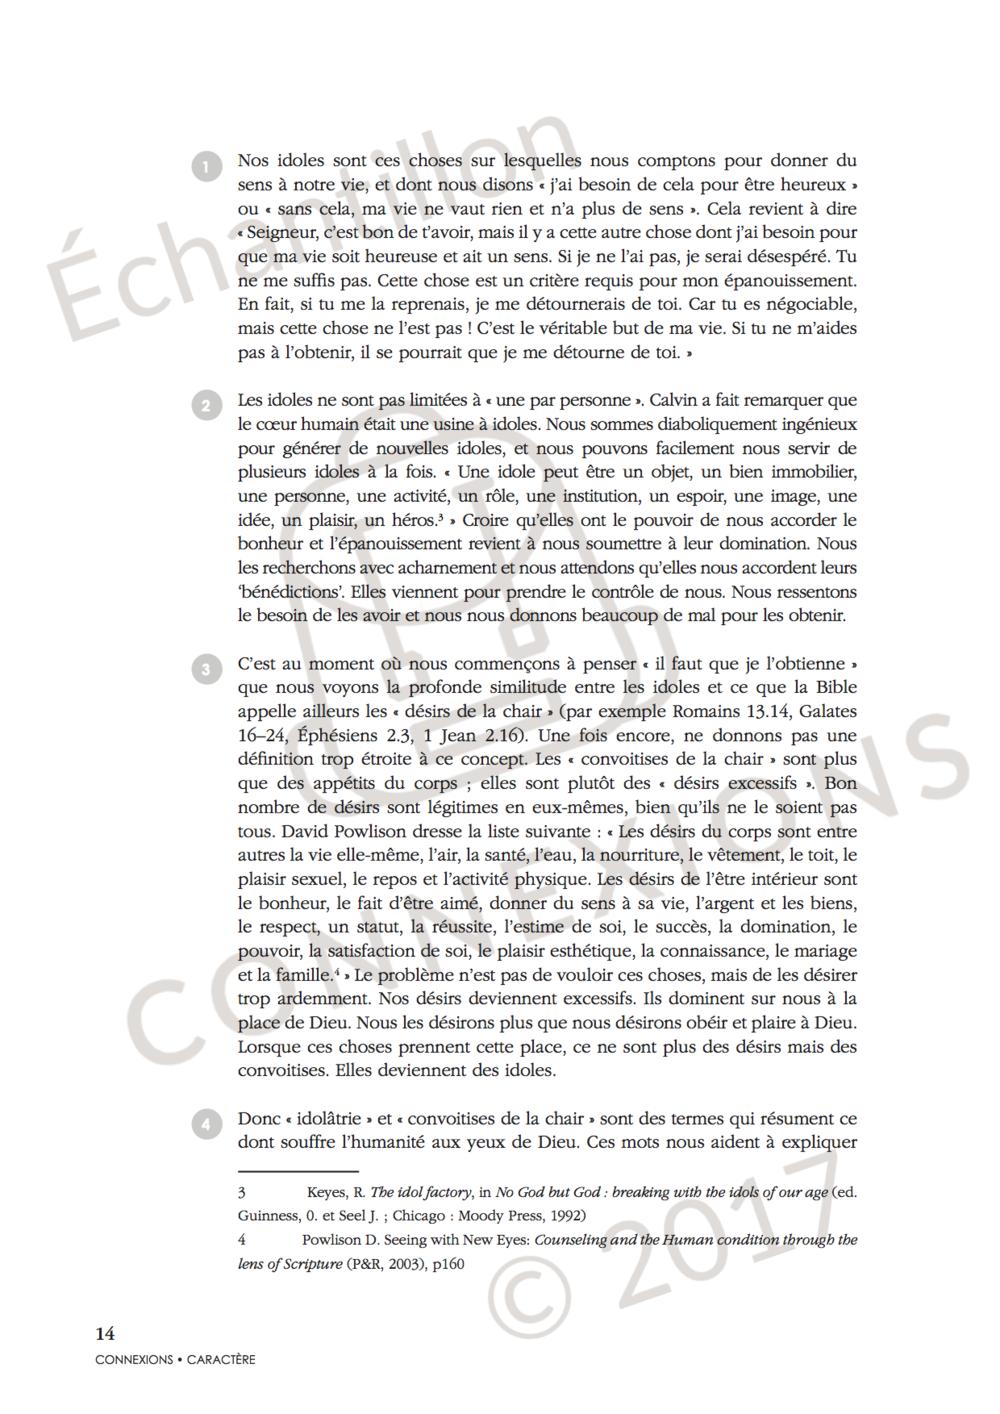 L'Évangile au cœur de la transformation_sample_published.3.png